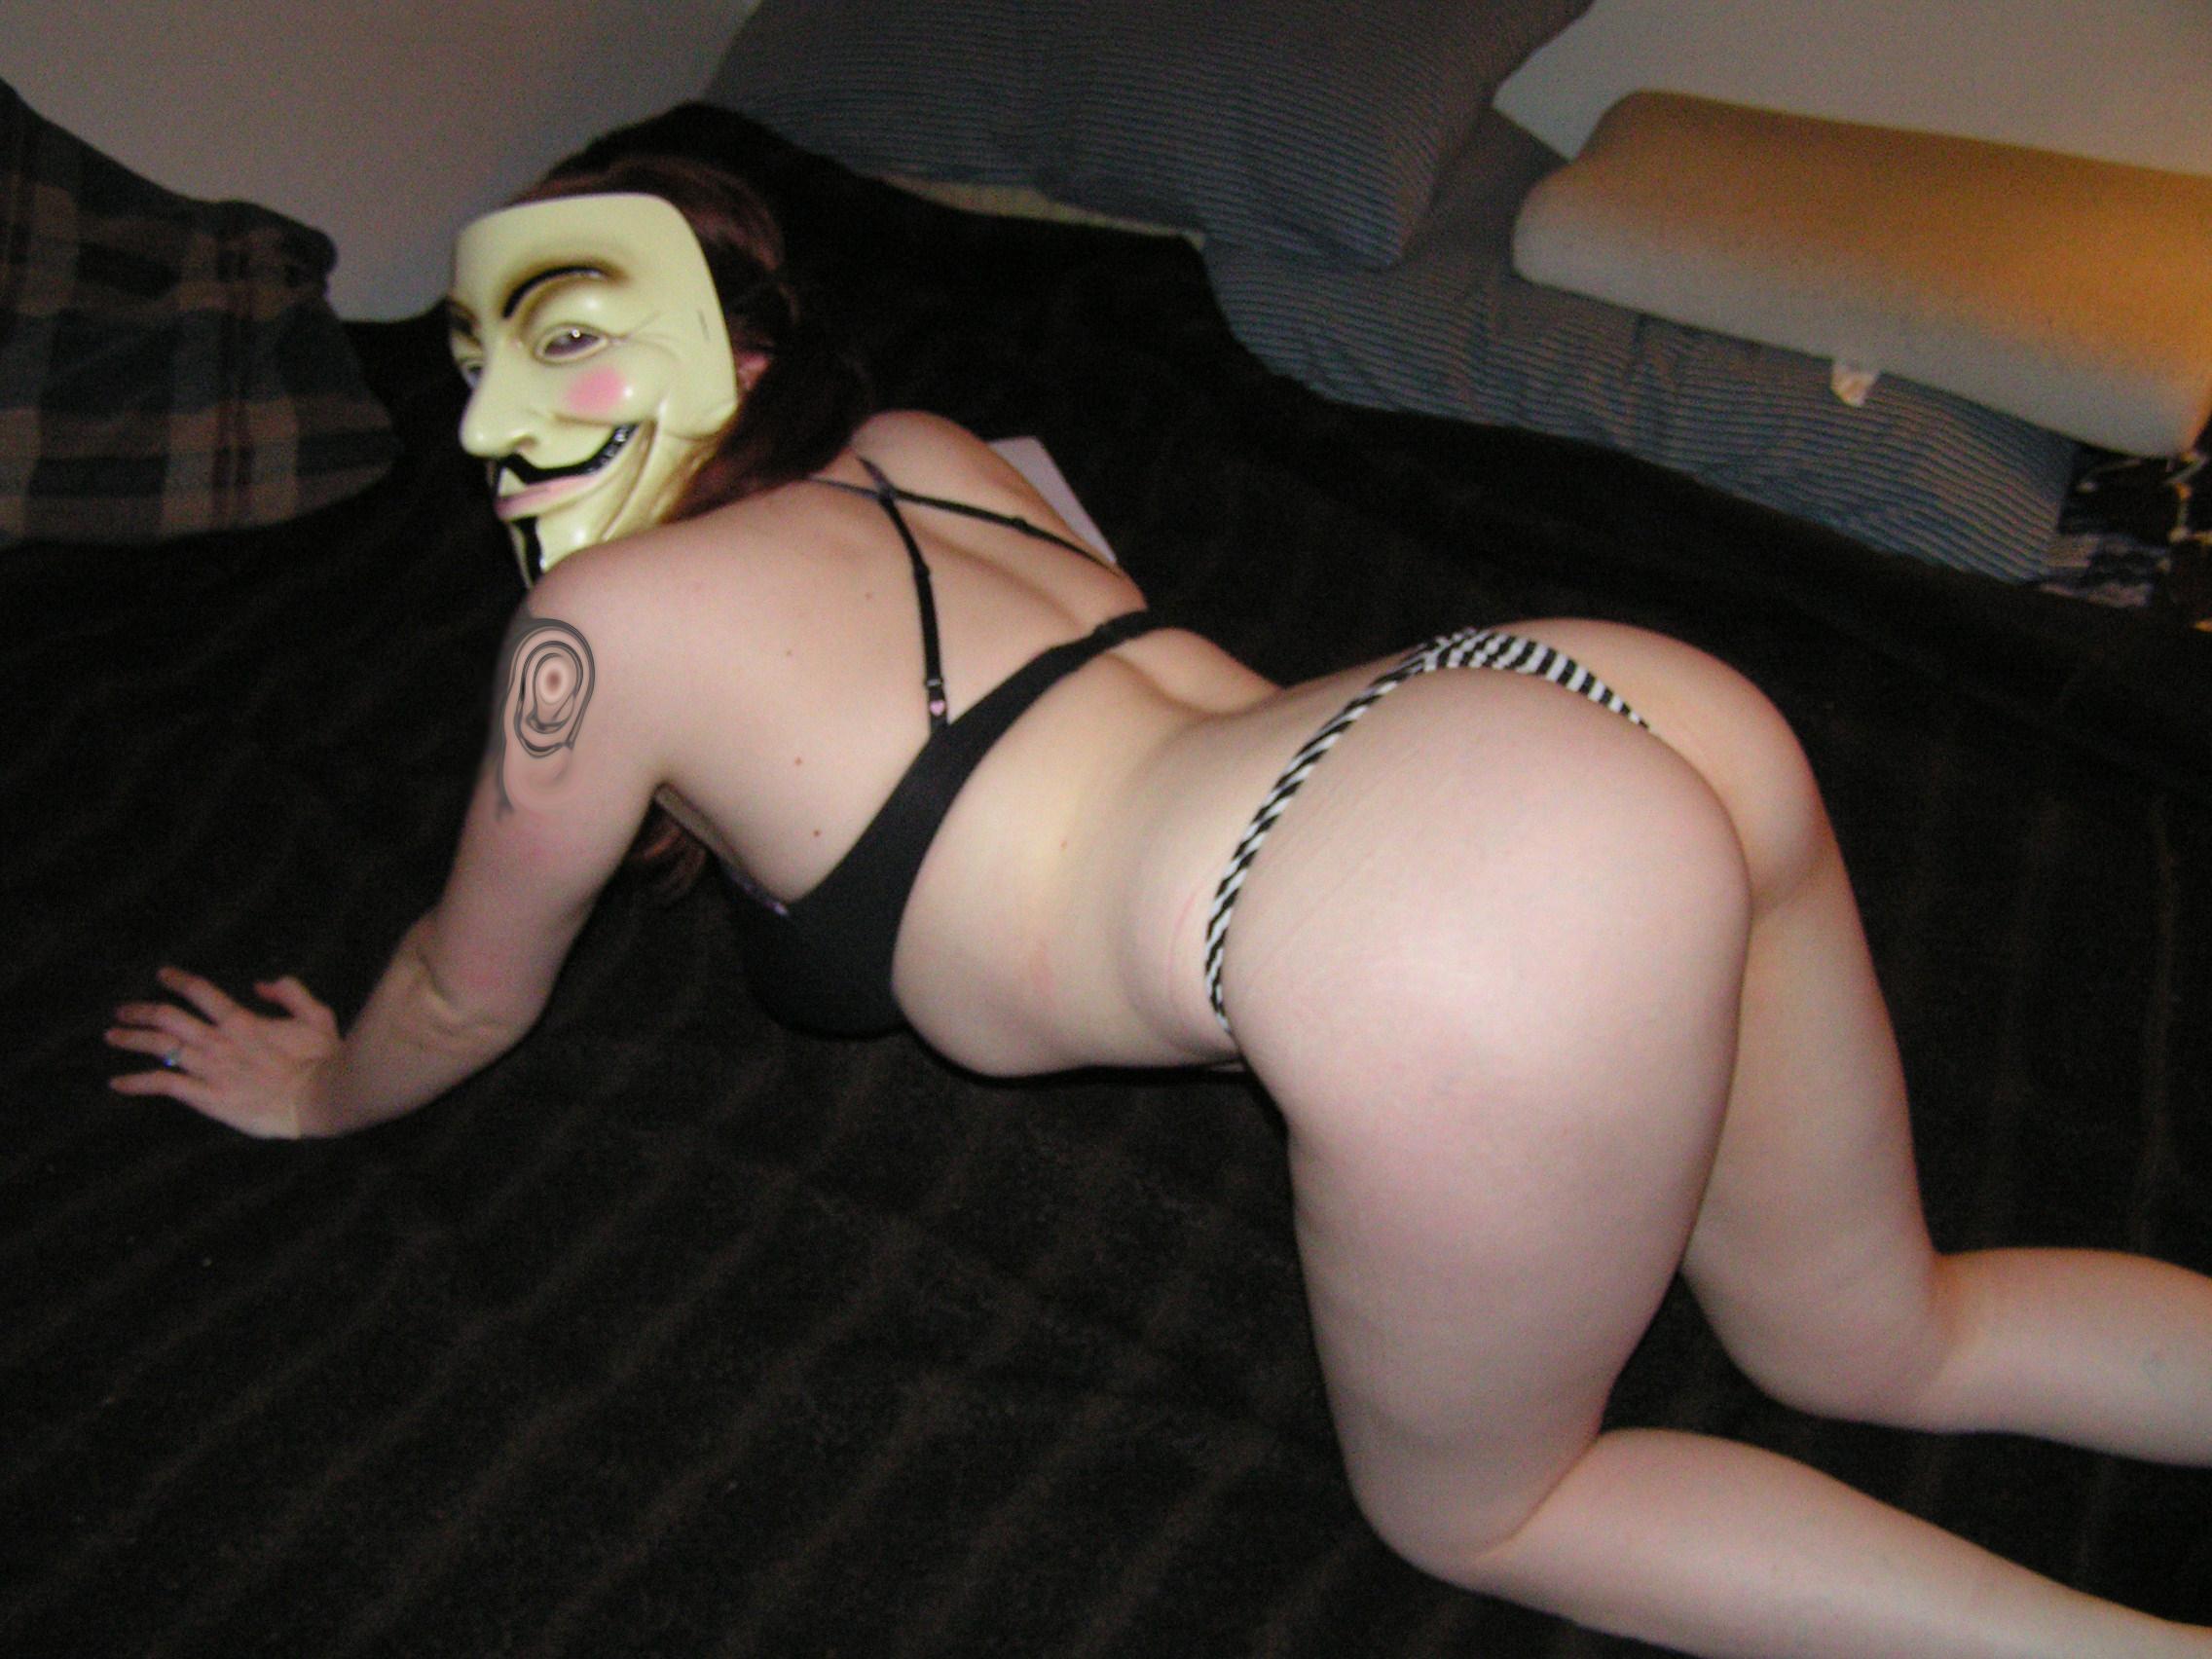 ariel nude massage